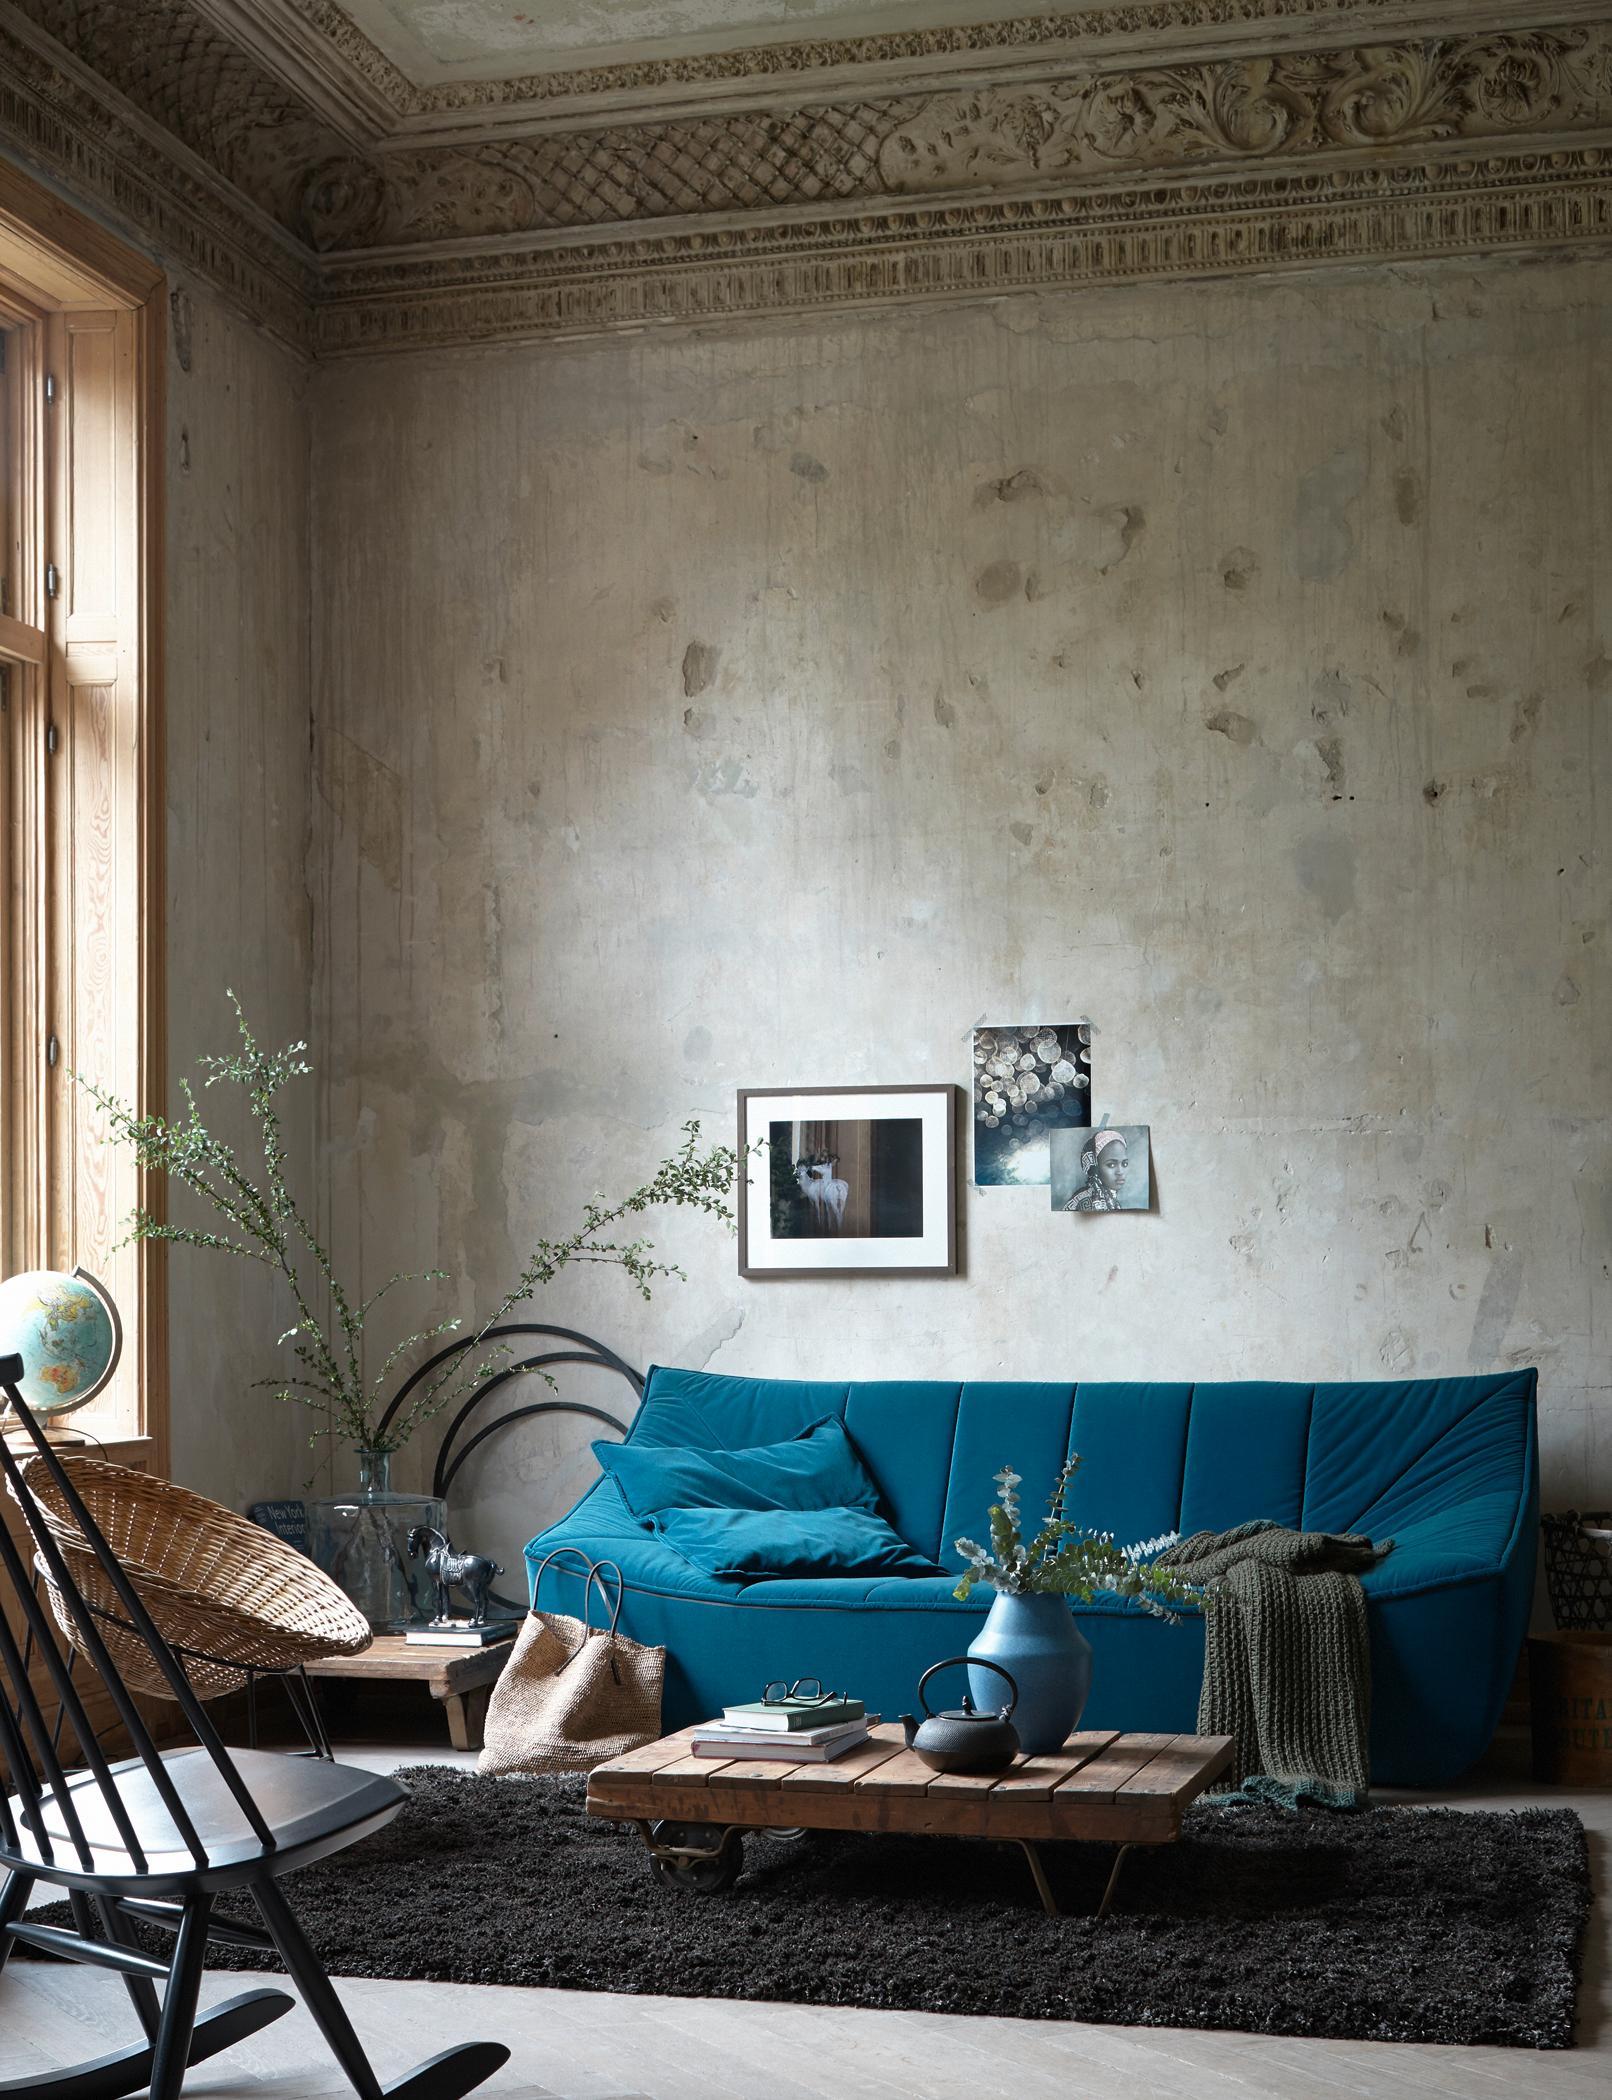 Liegewiese #beistelltisch #schaukelstuhl #sofa #blauessofa #samtsofa  ©livingathome/Fotograf: